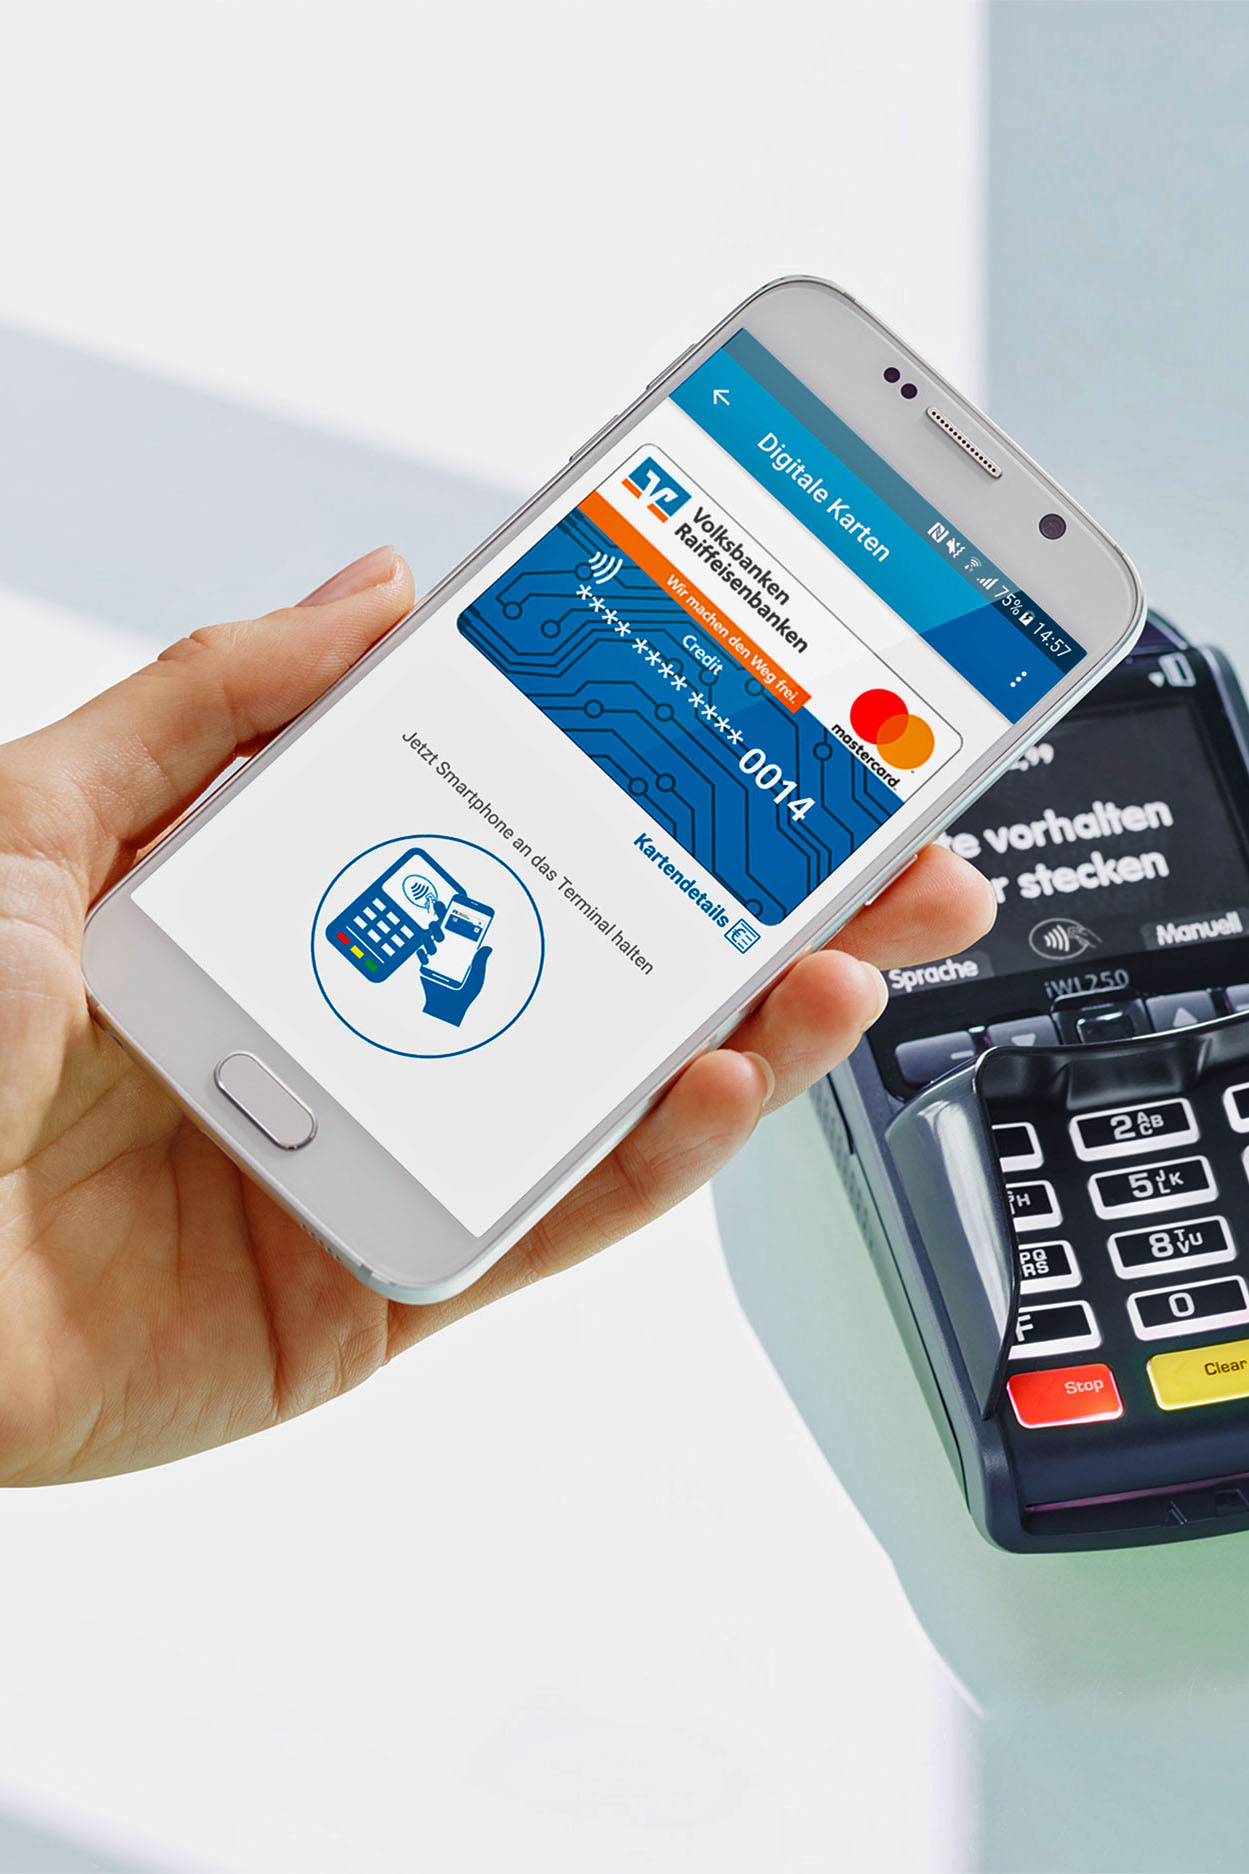 Das kontaktlose Bezahlen mit dem Smartphone ist grundsätzlich überall dort im Handel möglich, wo man auch heute kontaktlos mit der Karte bezahlen kann.